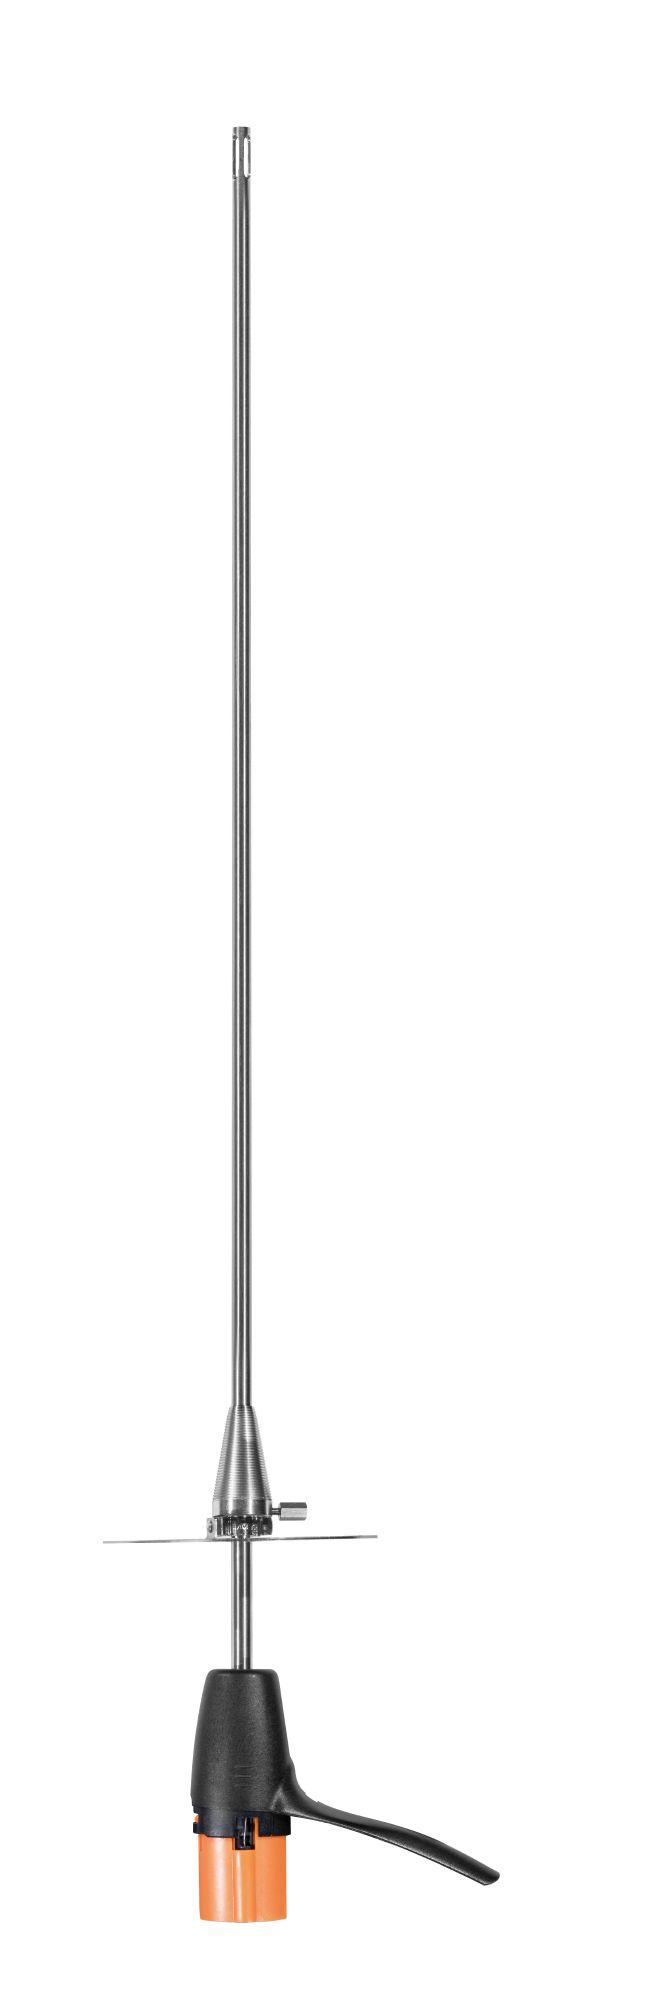 Sondenrohr Länge 700 mm, inkl. Konus